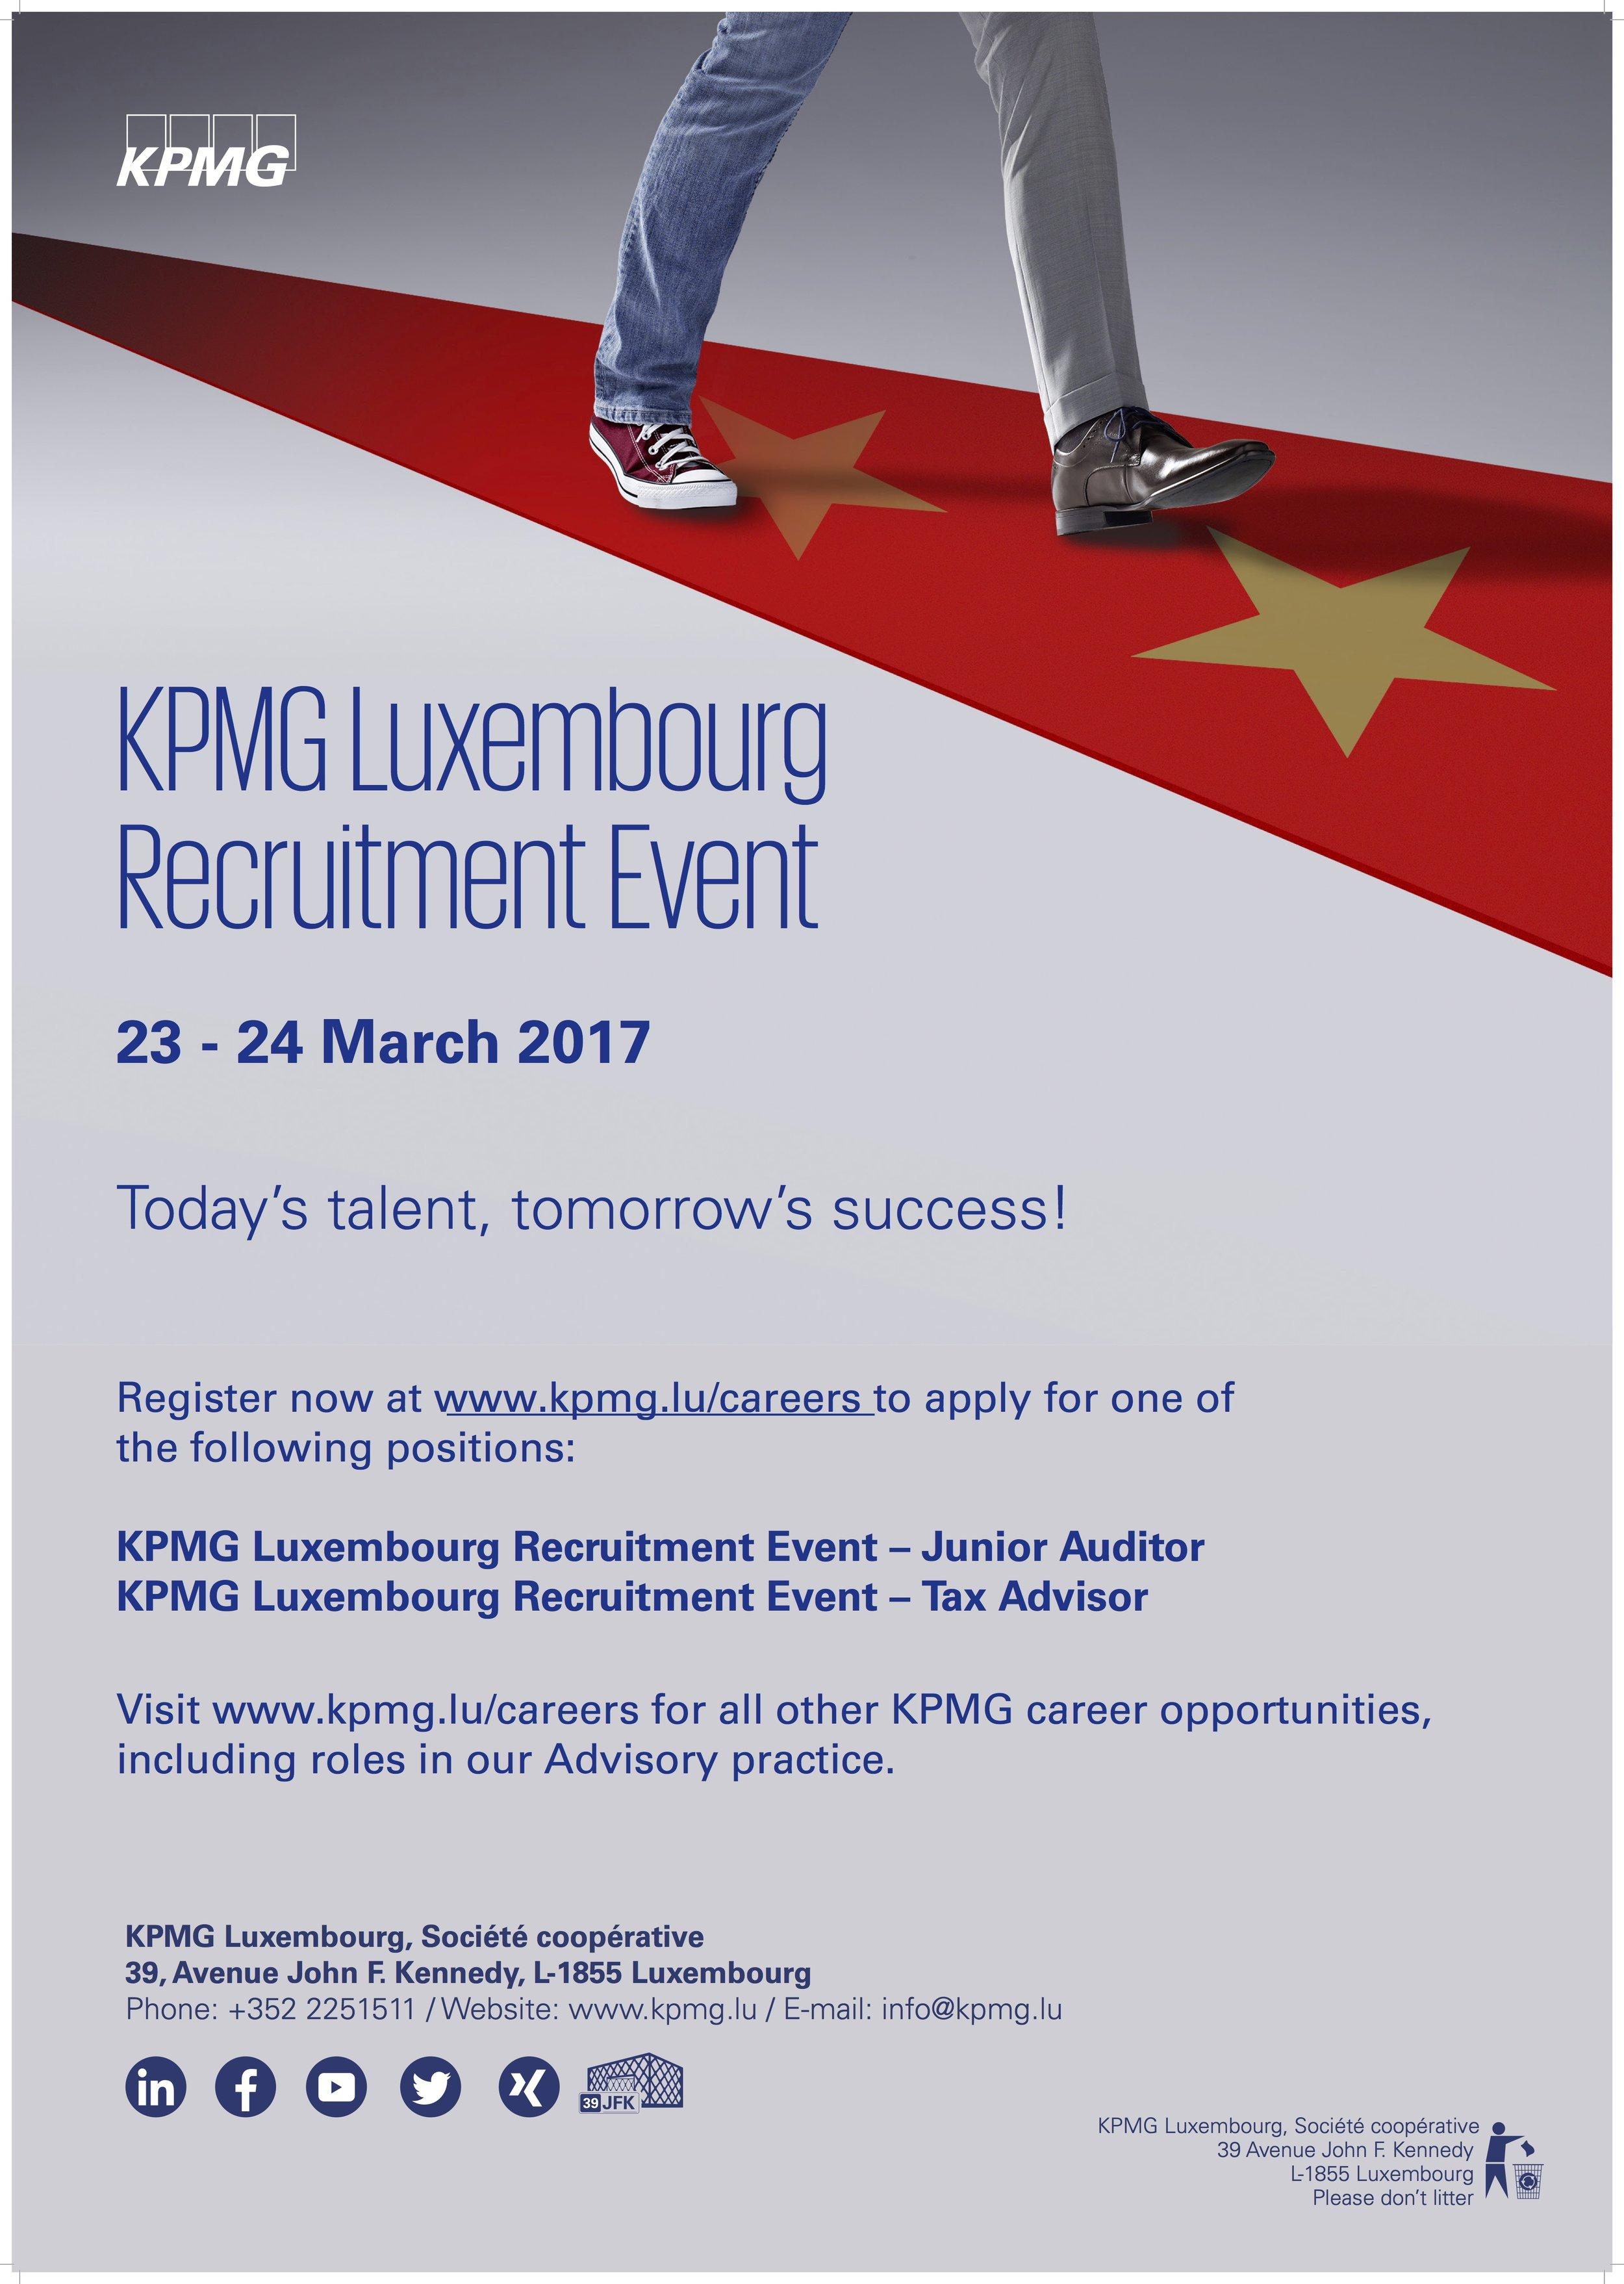 KPMGRecruitingEvent.jpg